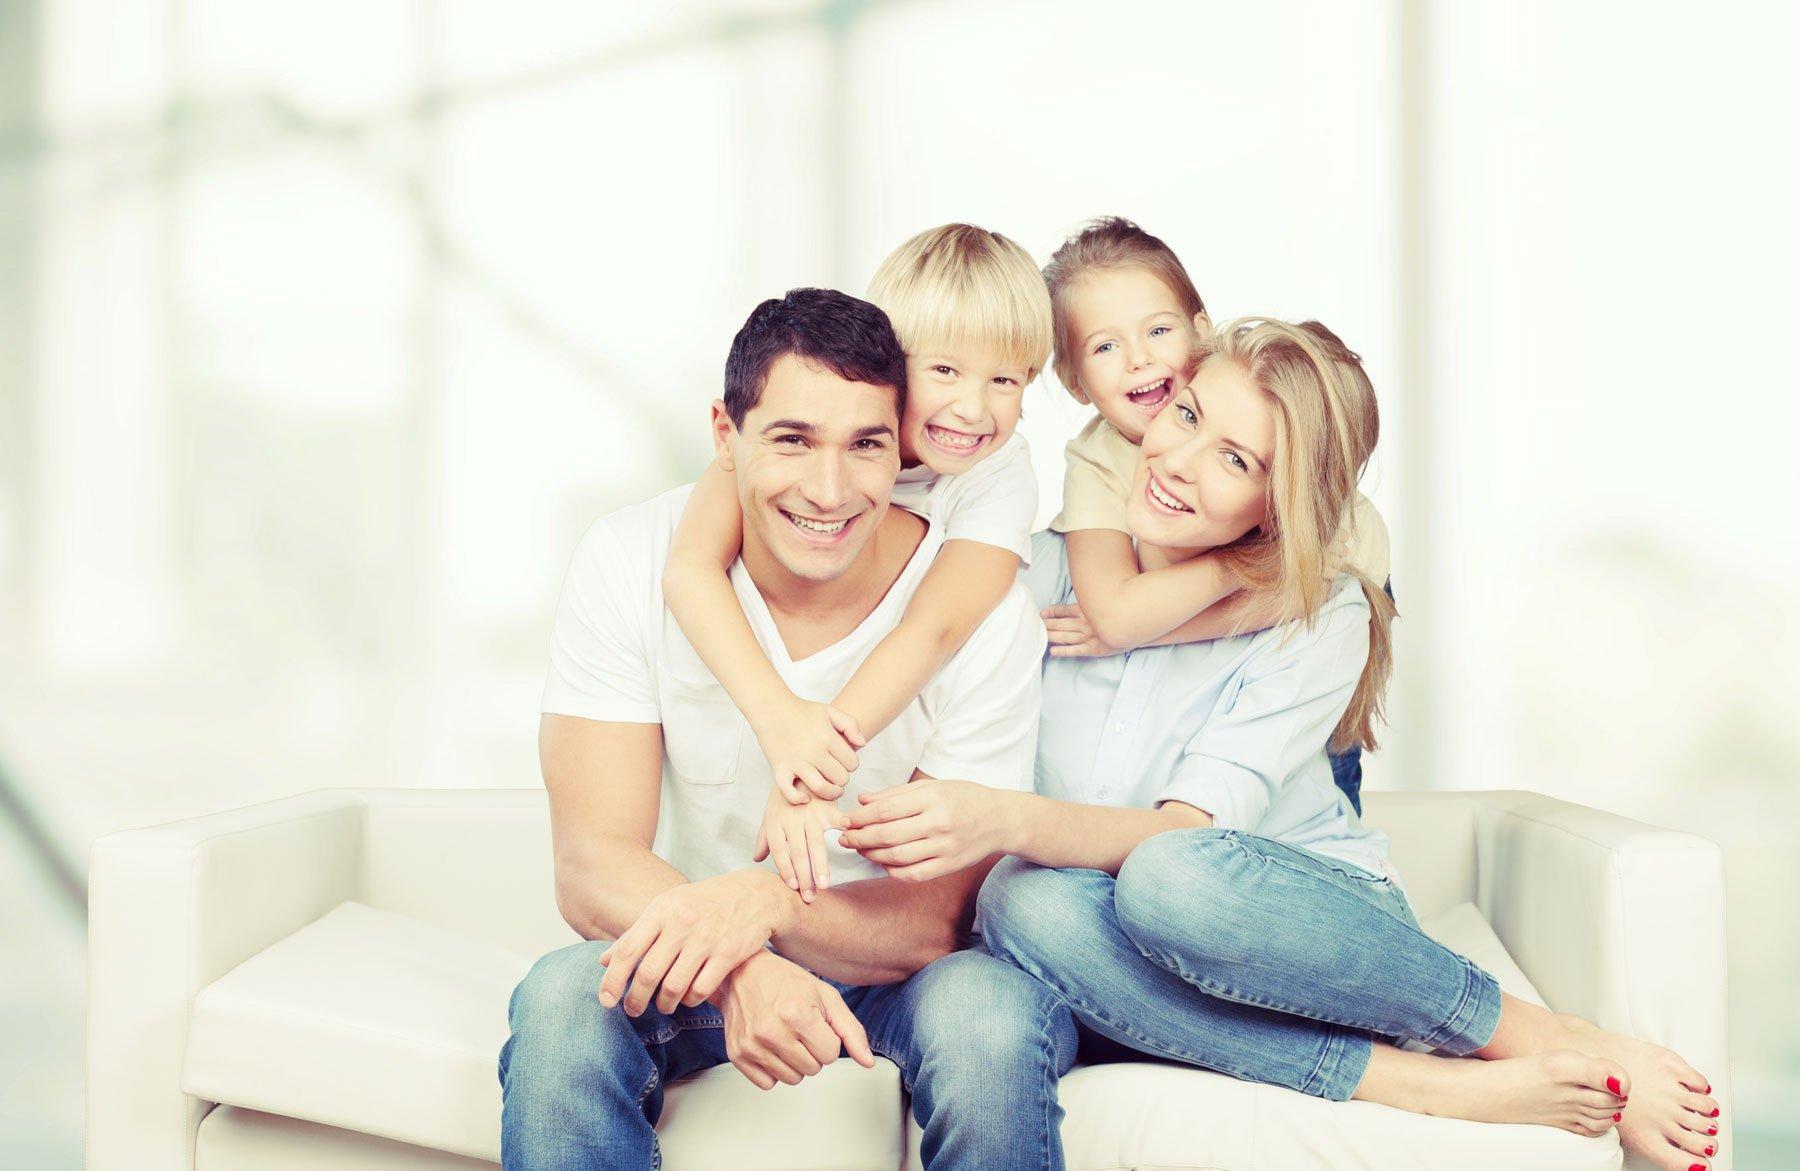 Prevenzione dentale per tutta la famiglia presso Odontotraona a Traona (SO)